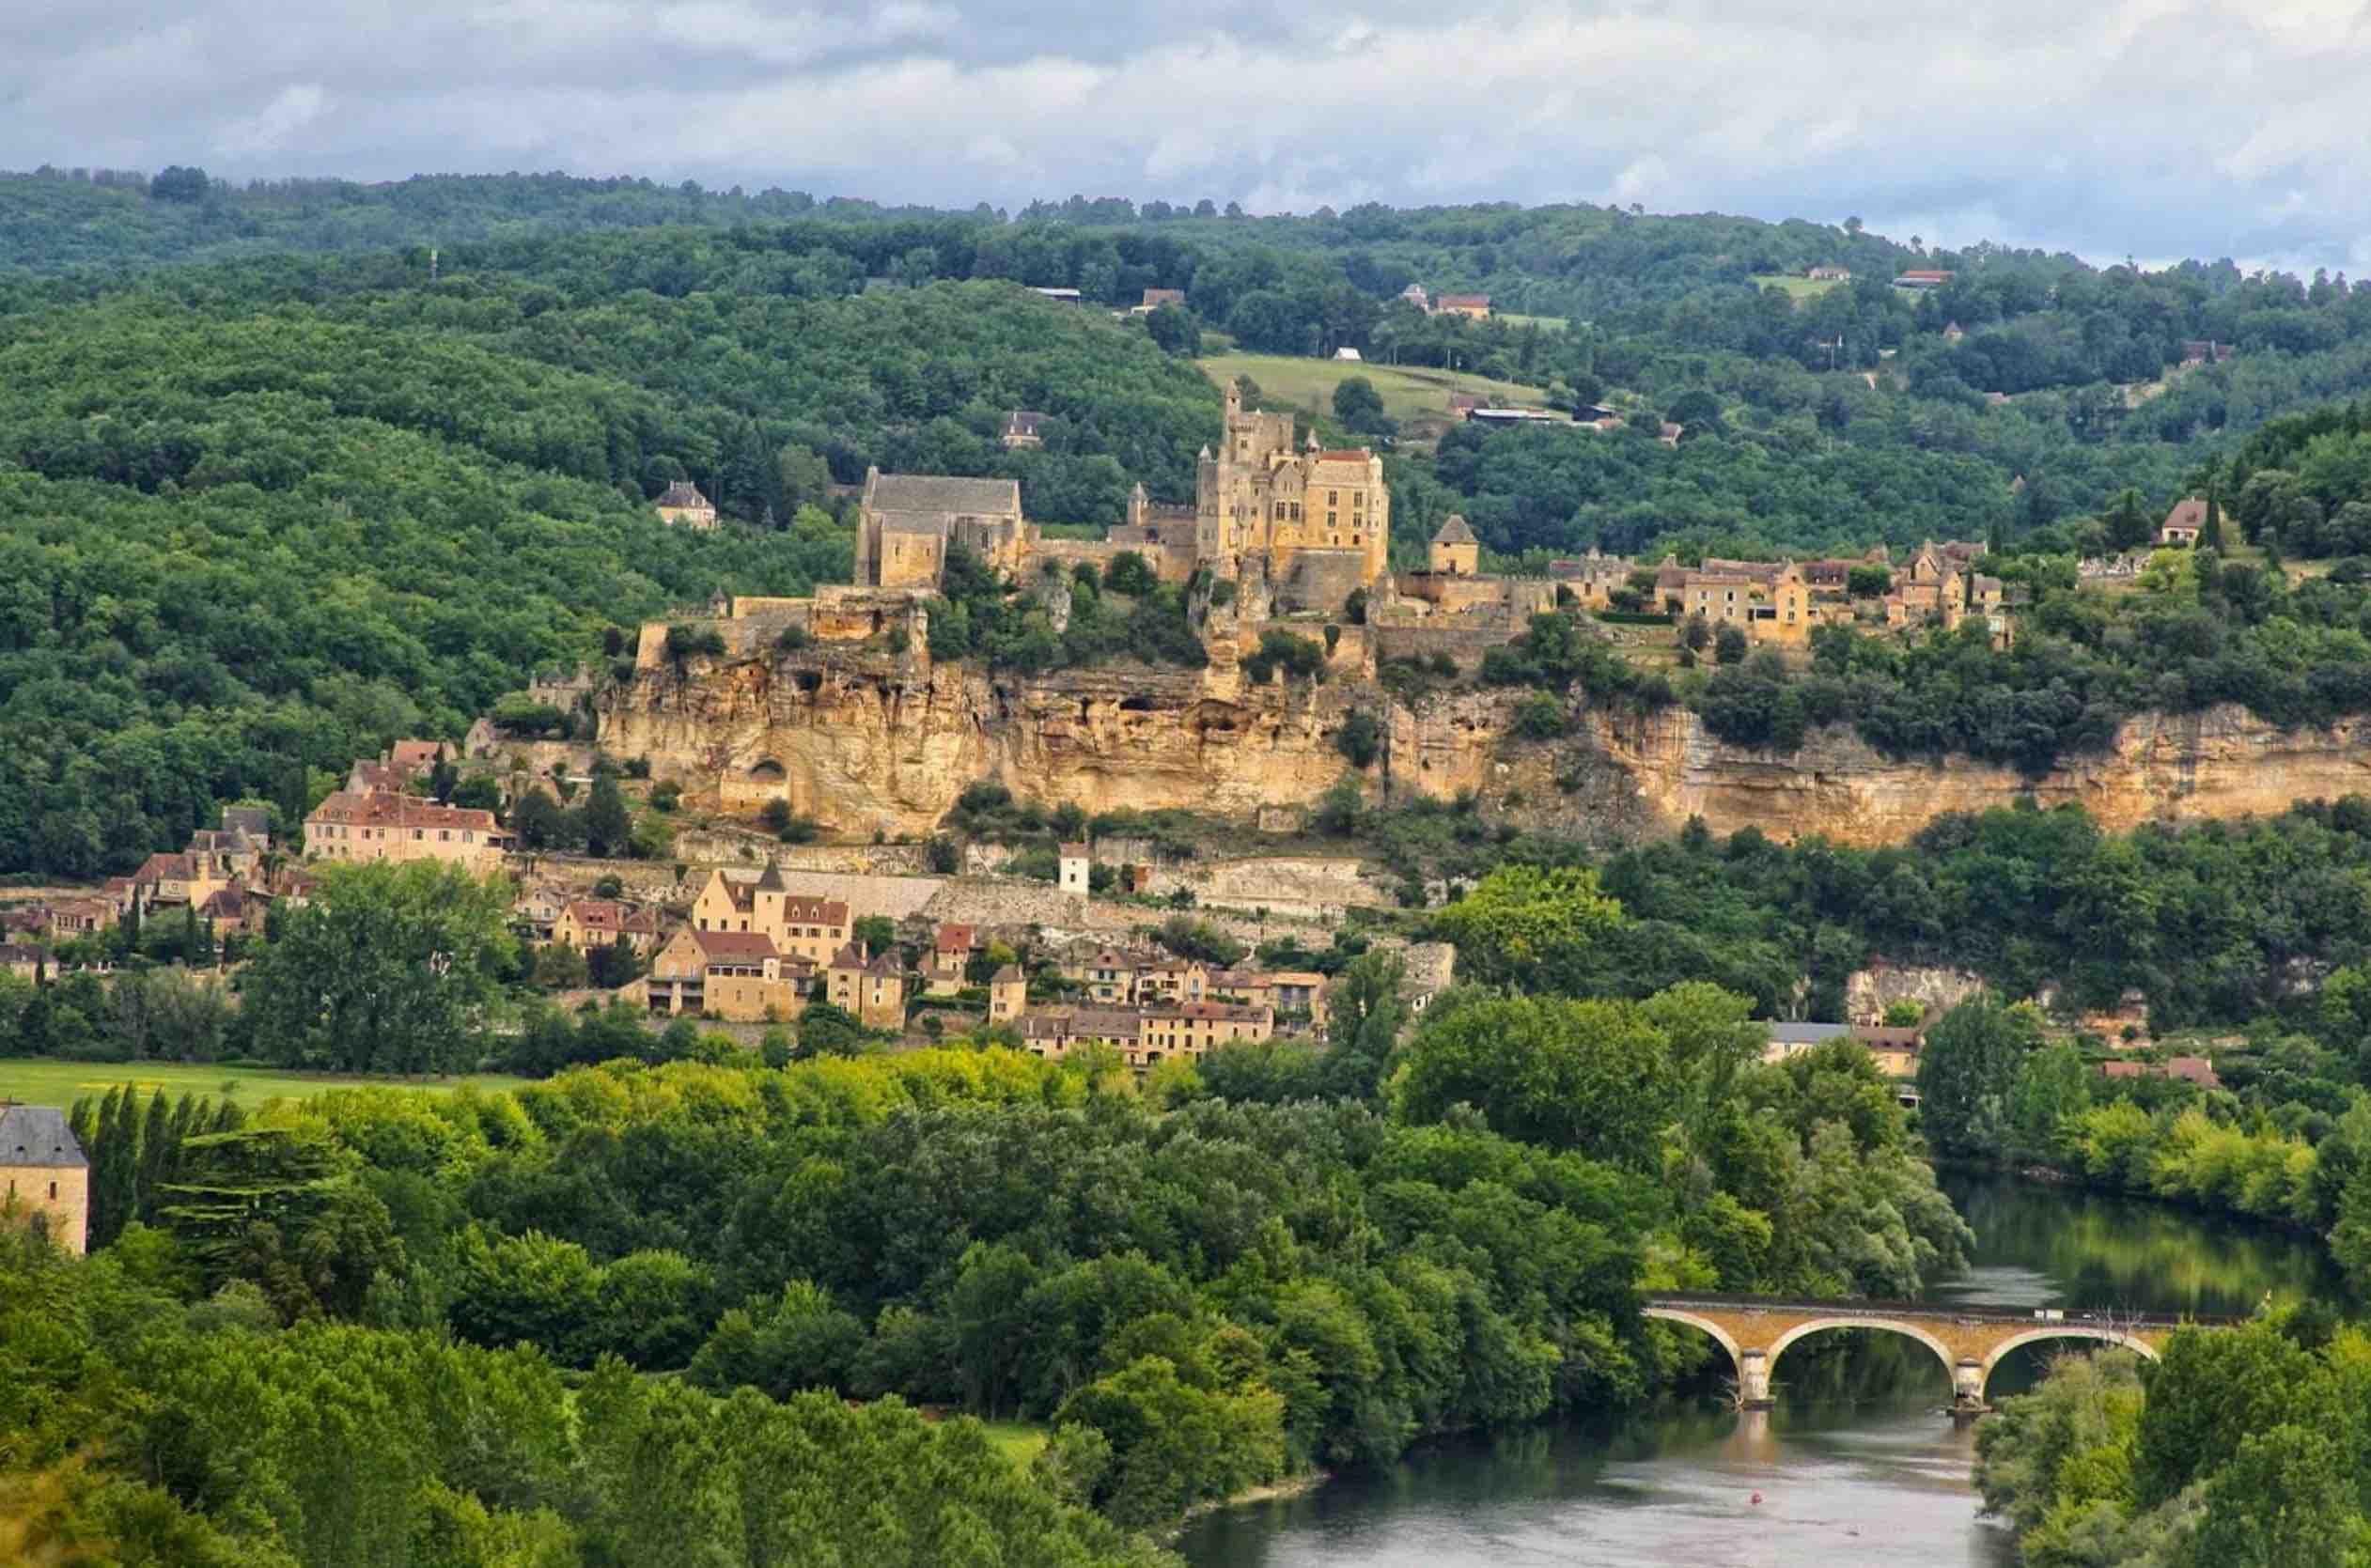 Location de salle des fêtes en Dordogne